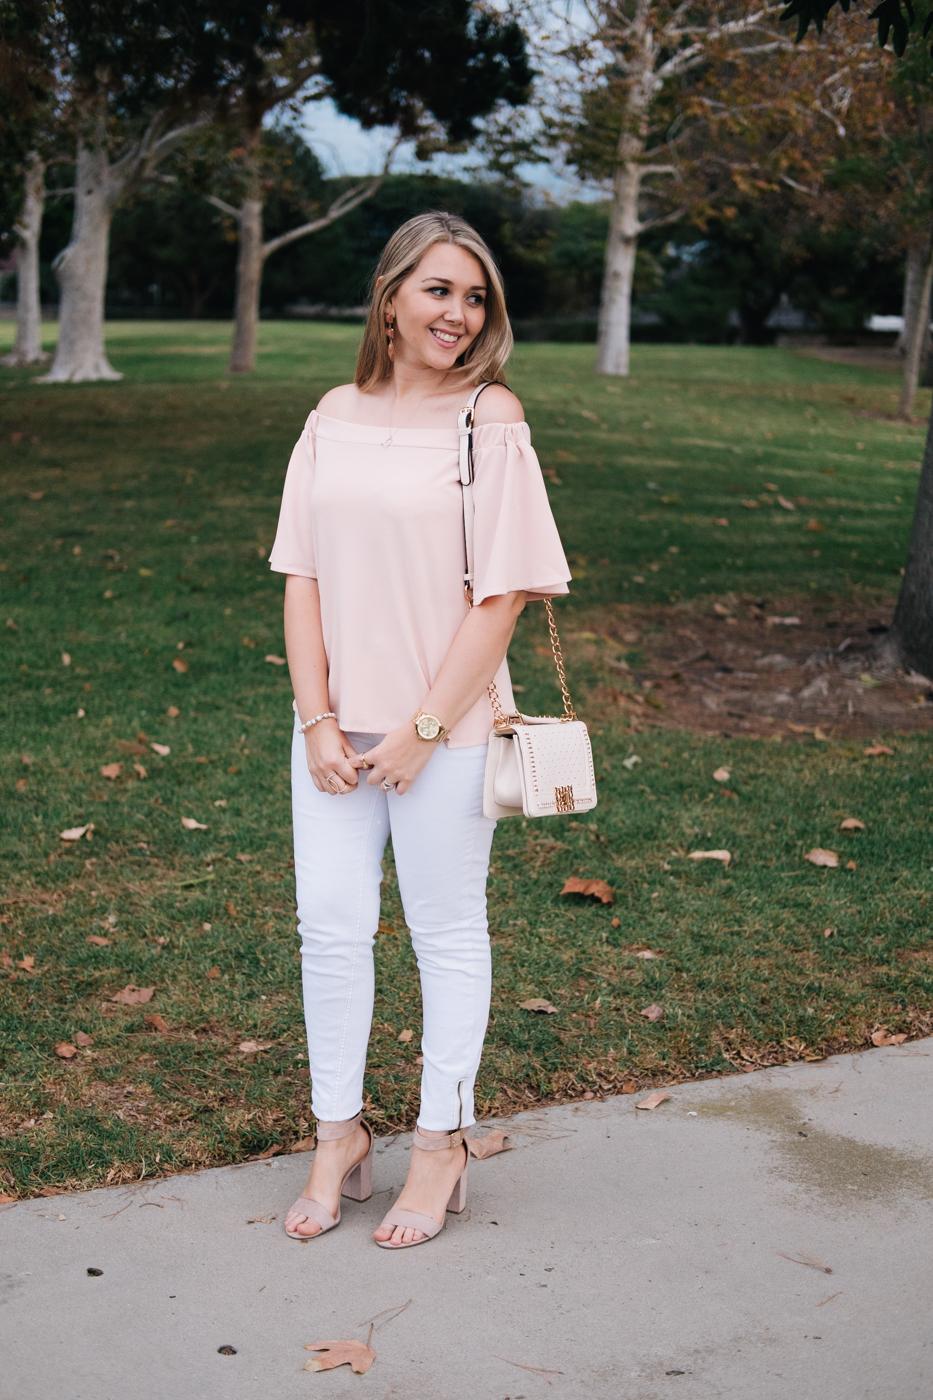 Debora Dahl wearing pink blouse and white pants